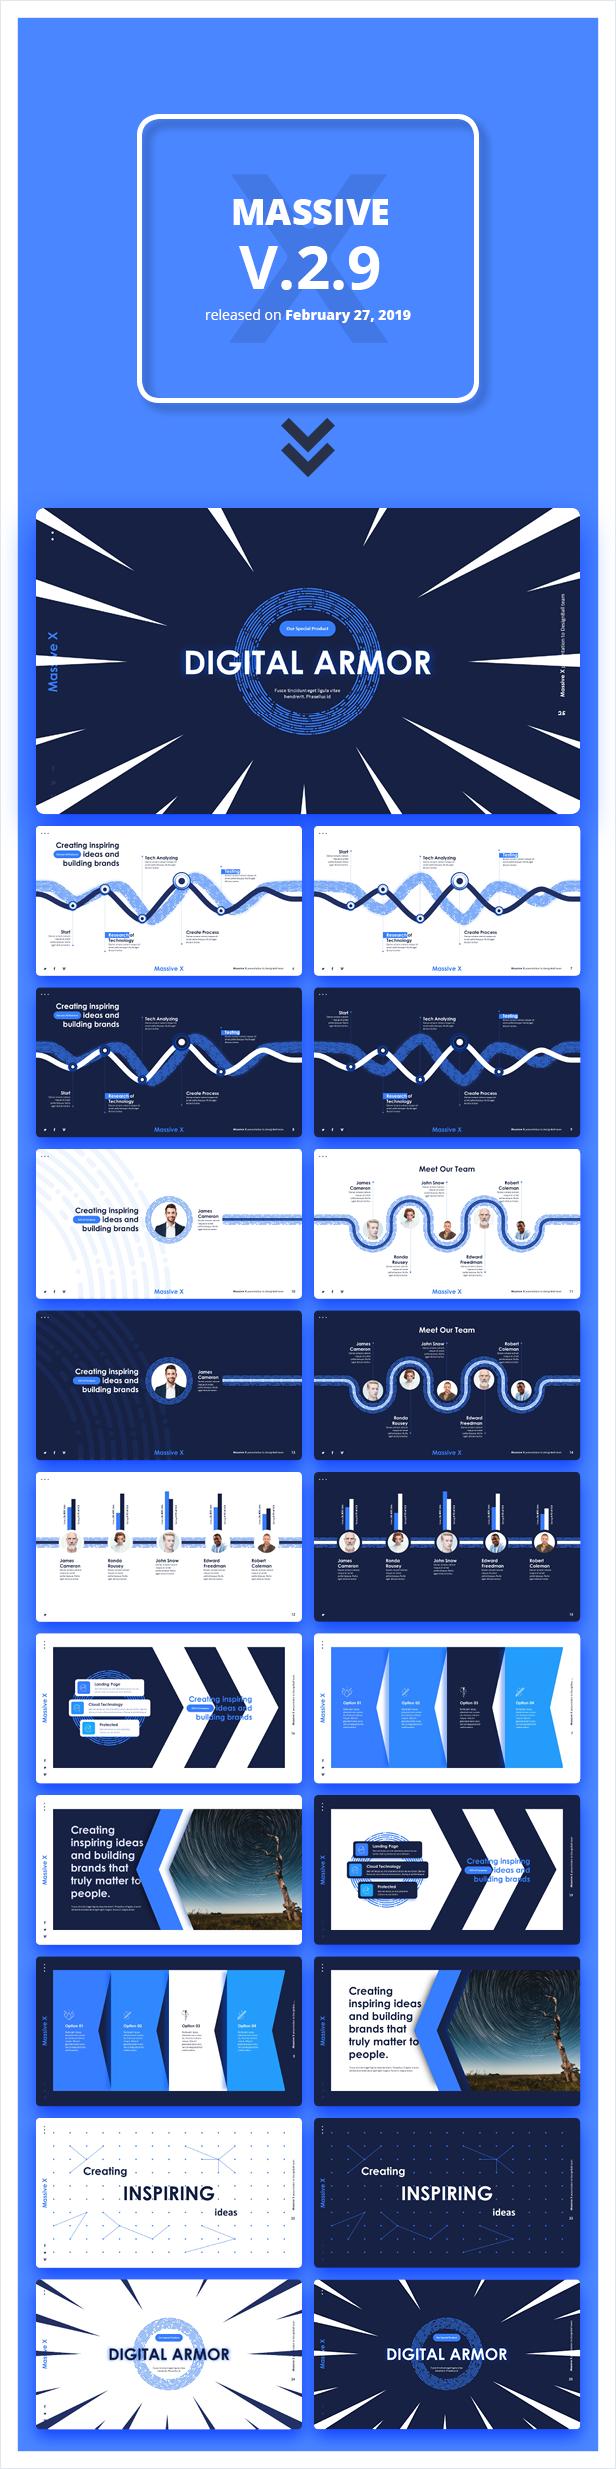 Massive X Presentation Template v.3.1 - 41